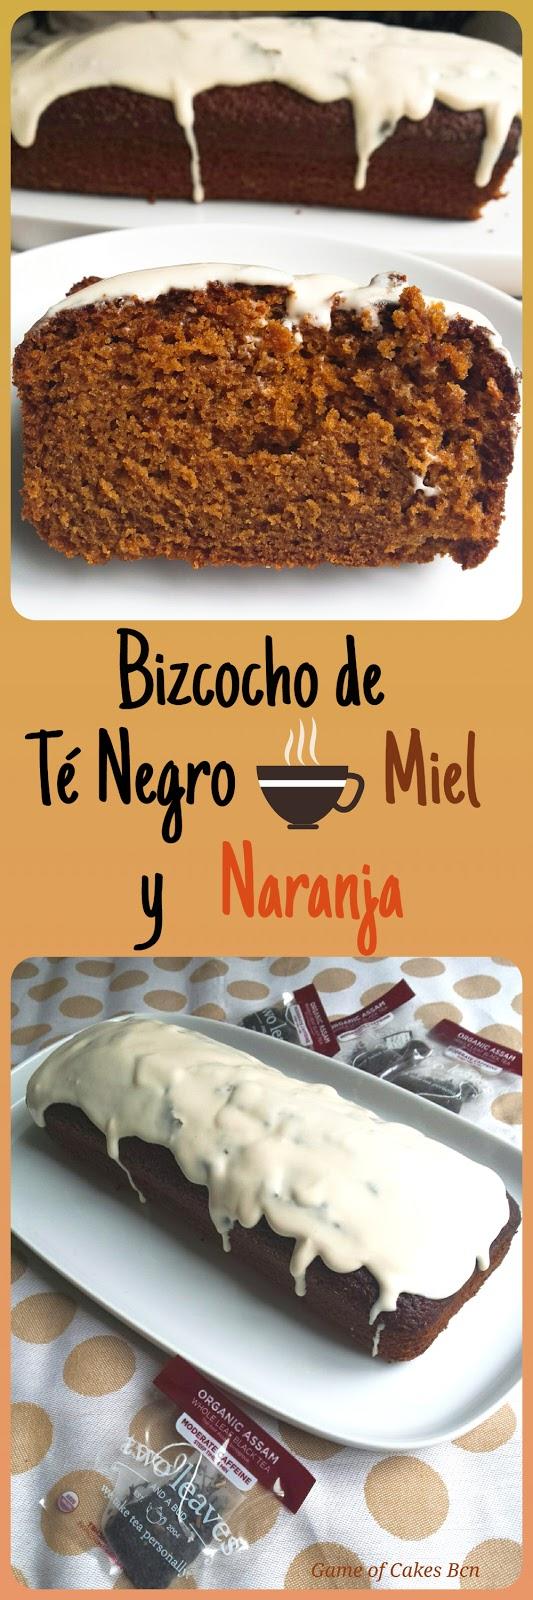 Bizcocho loaf cake de te negro, miel y naranja con glaseado de mascarpone